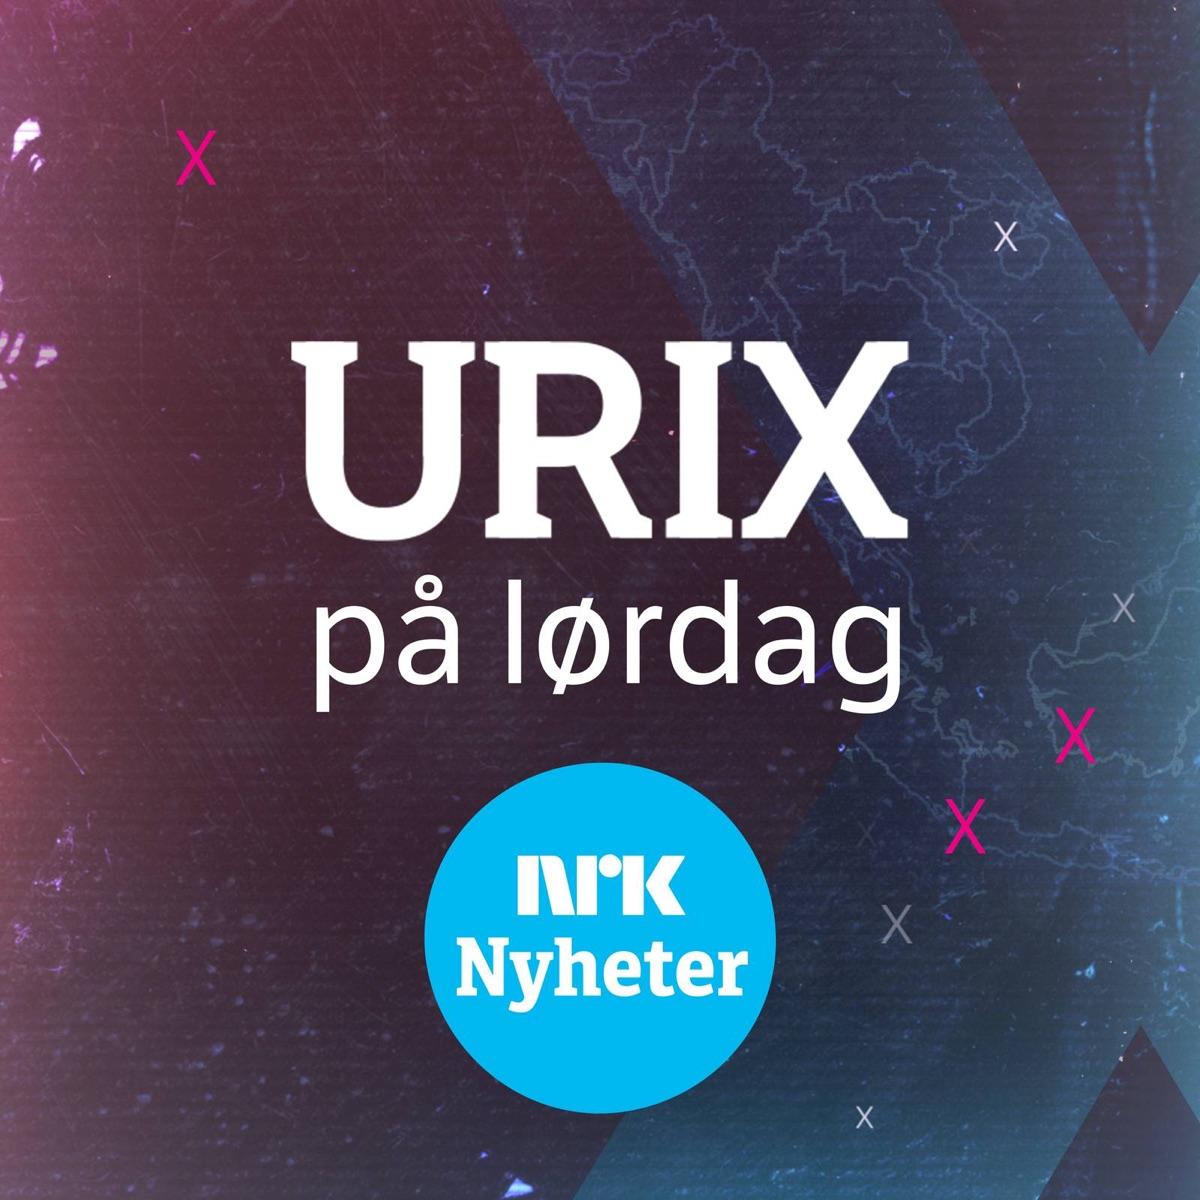 06.03.2021 Urix på lørdag